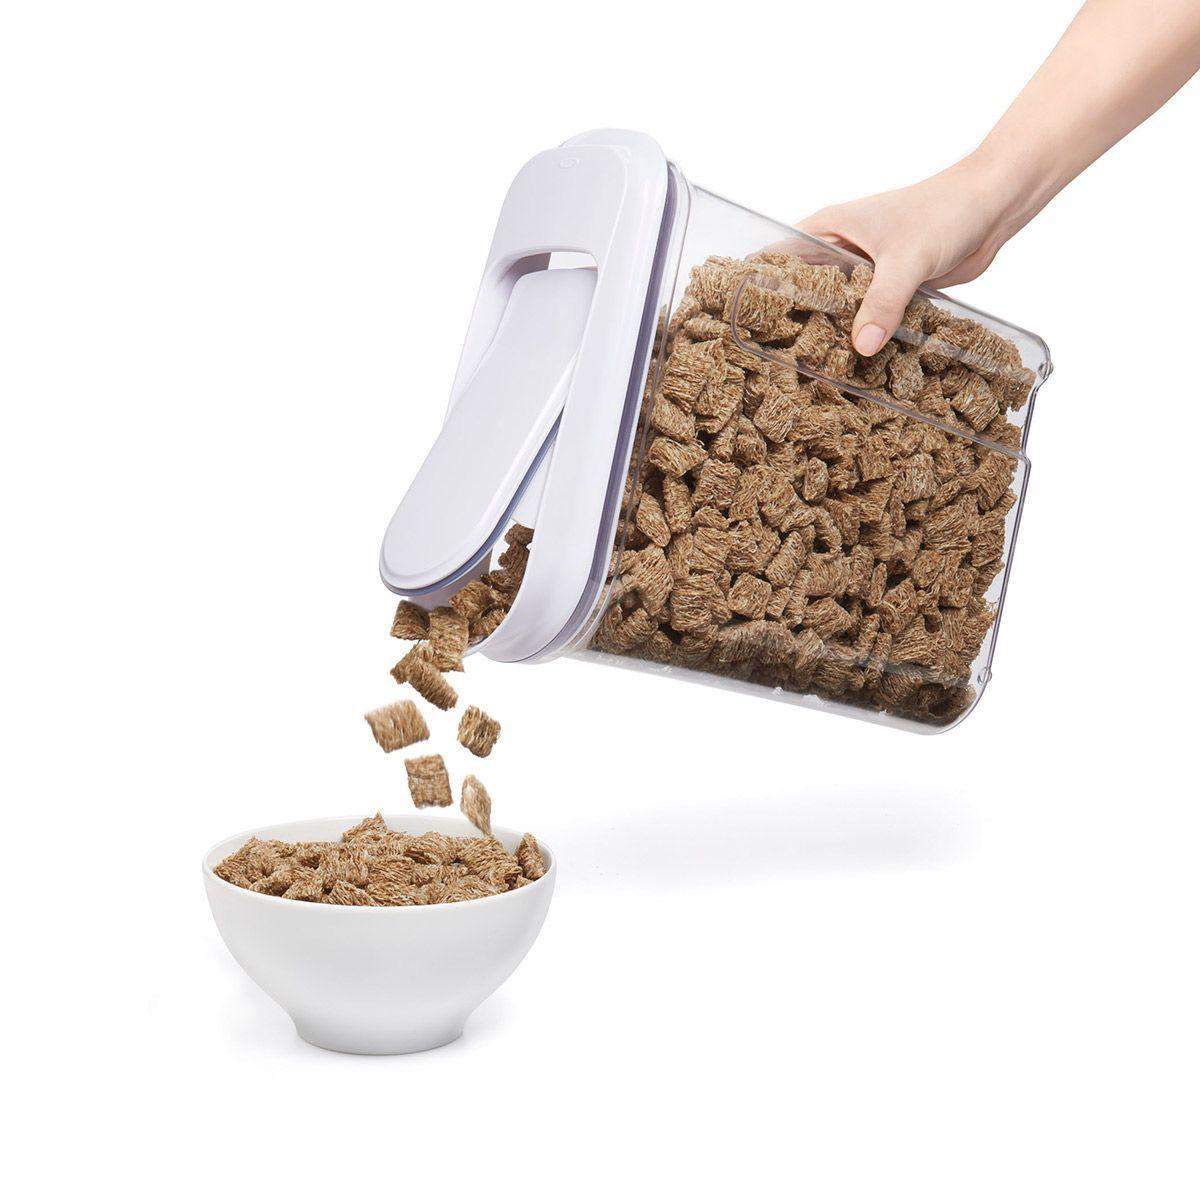 Recipiente dispensador de cereales oxo 3 2l orden en casa for Recipiente hermetico